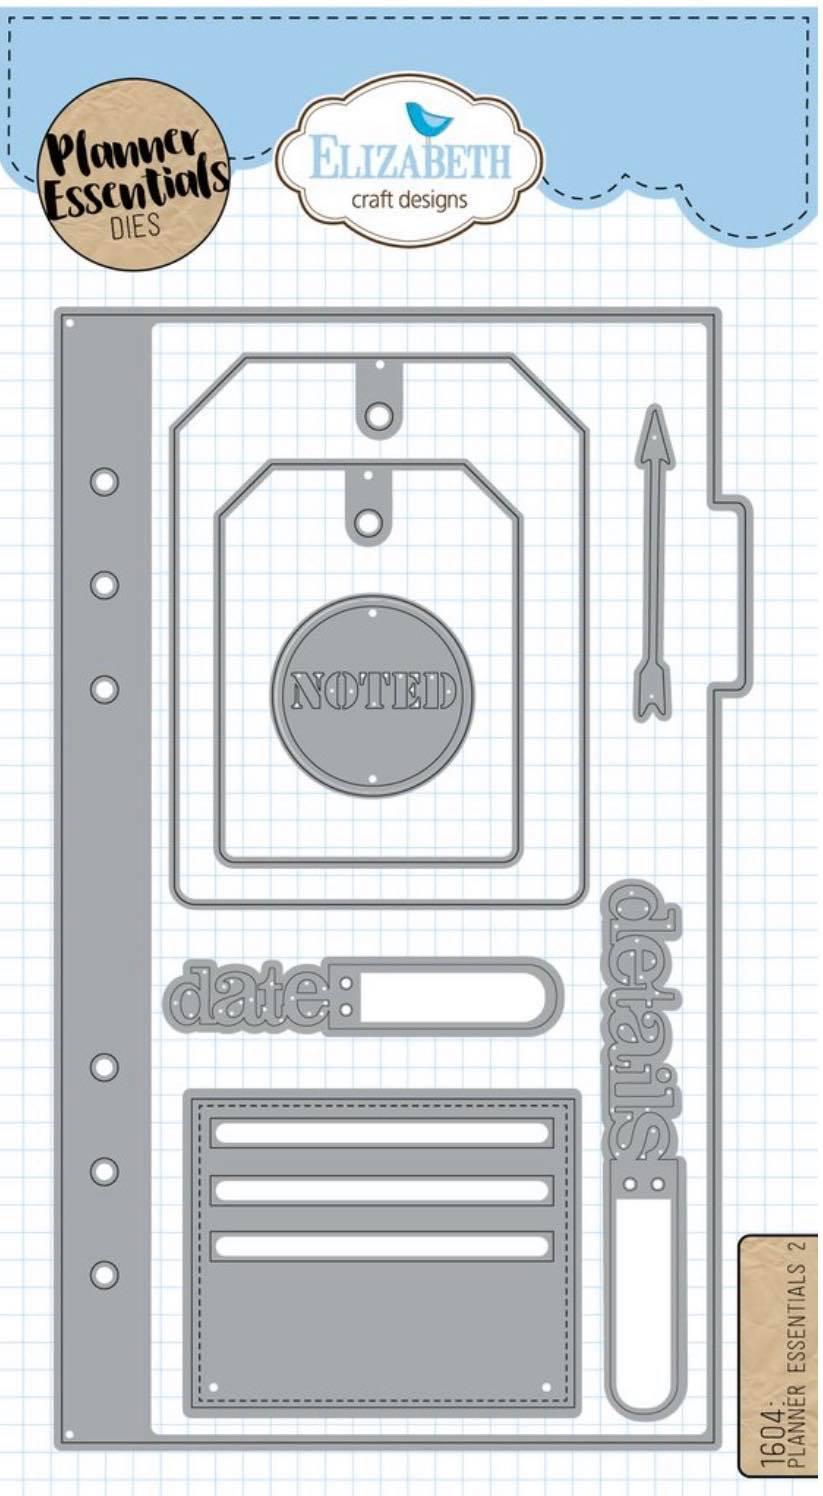 Elizabeth Craft Designs - Planner Essential 2